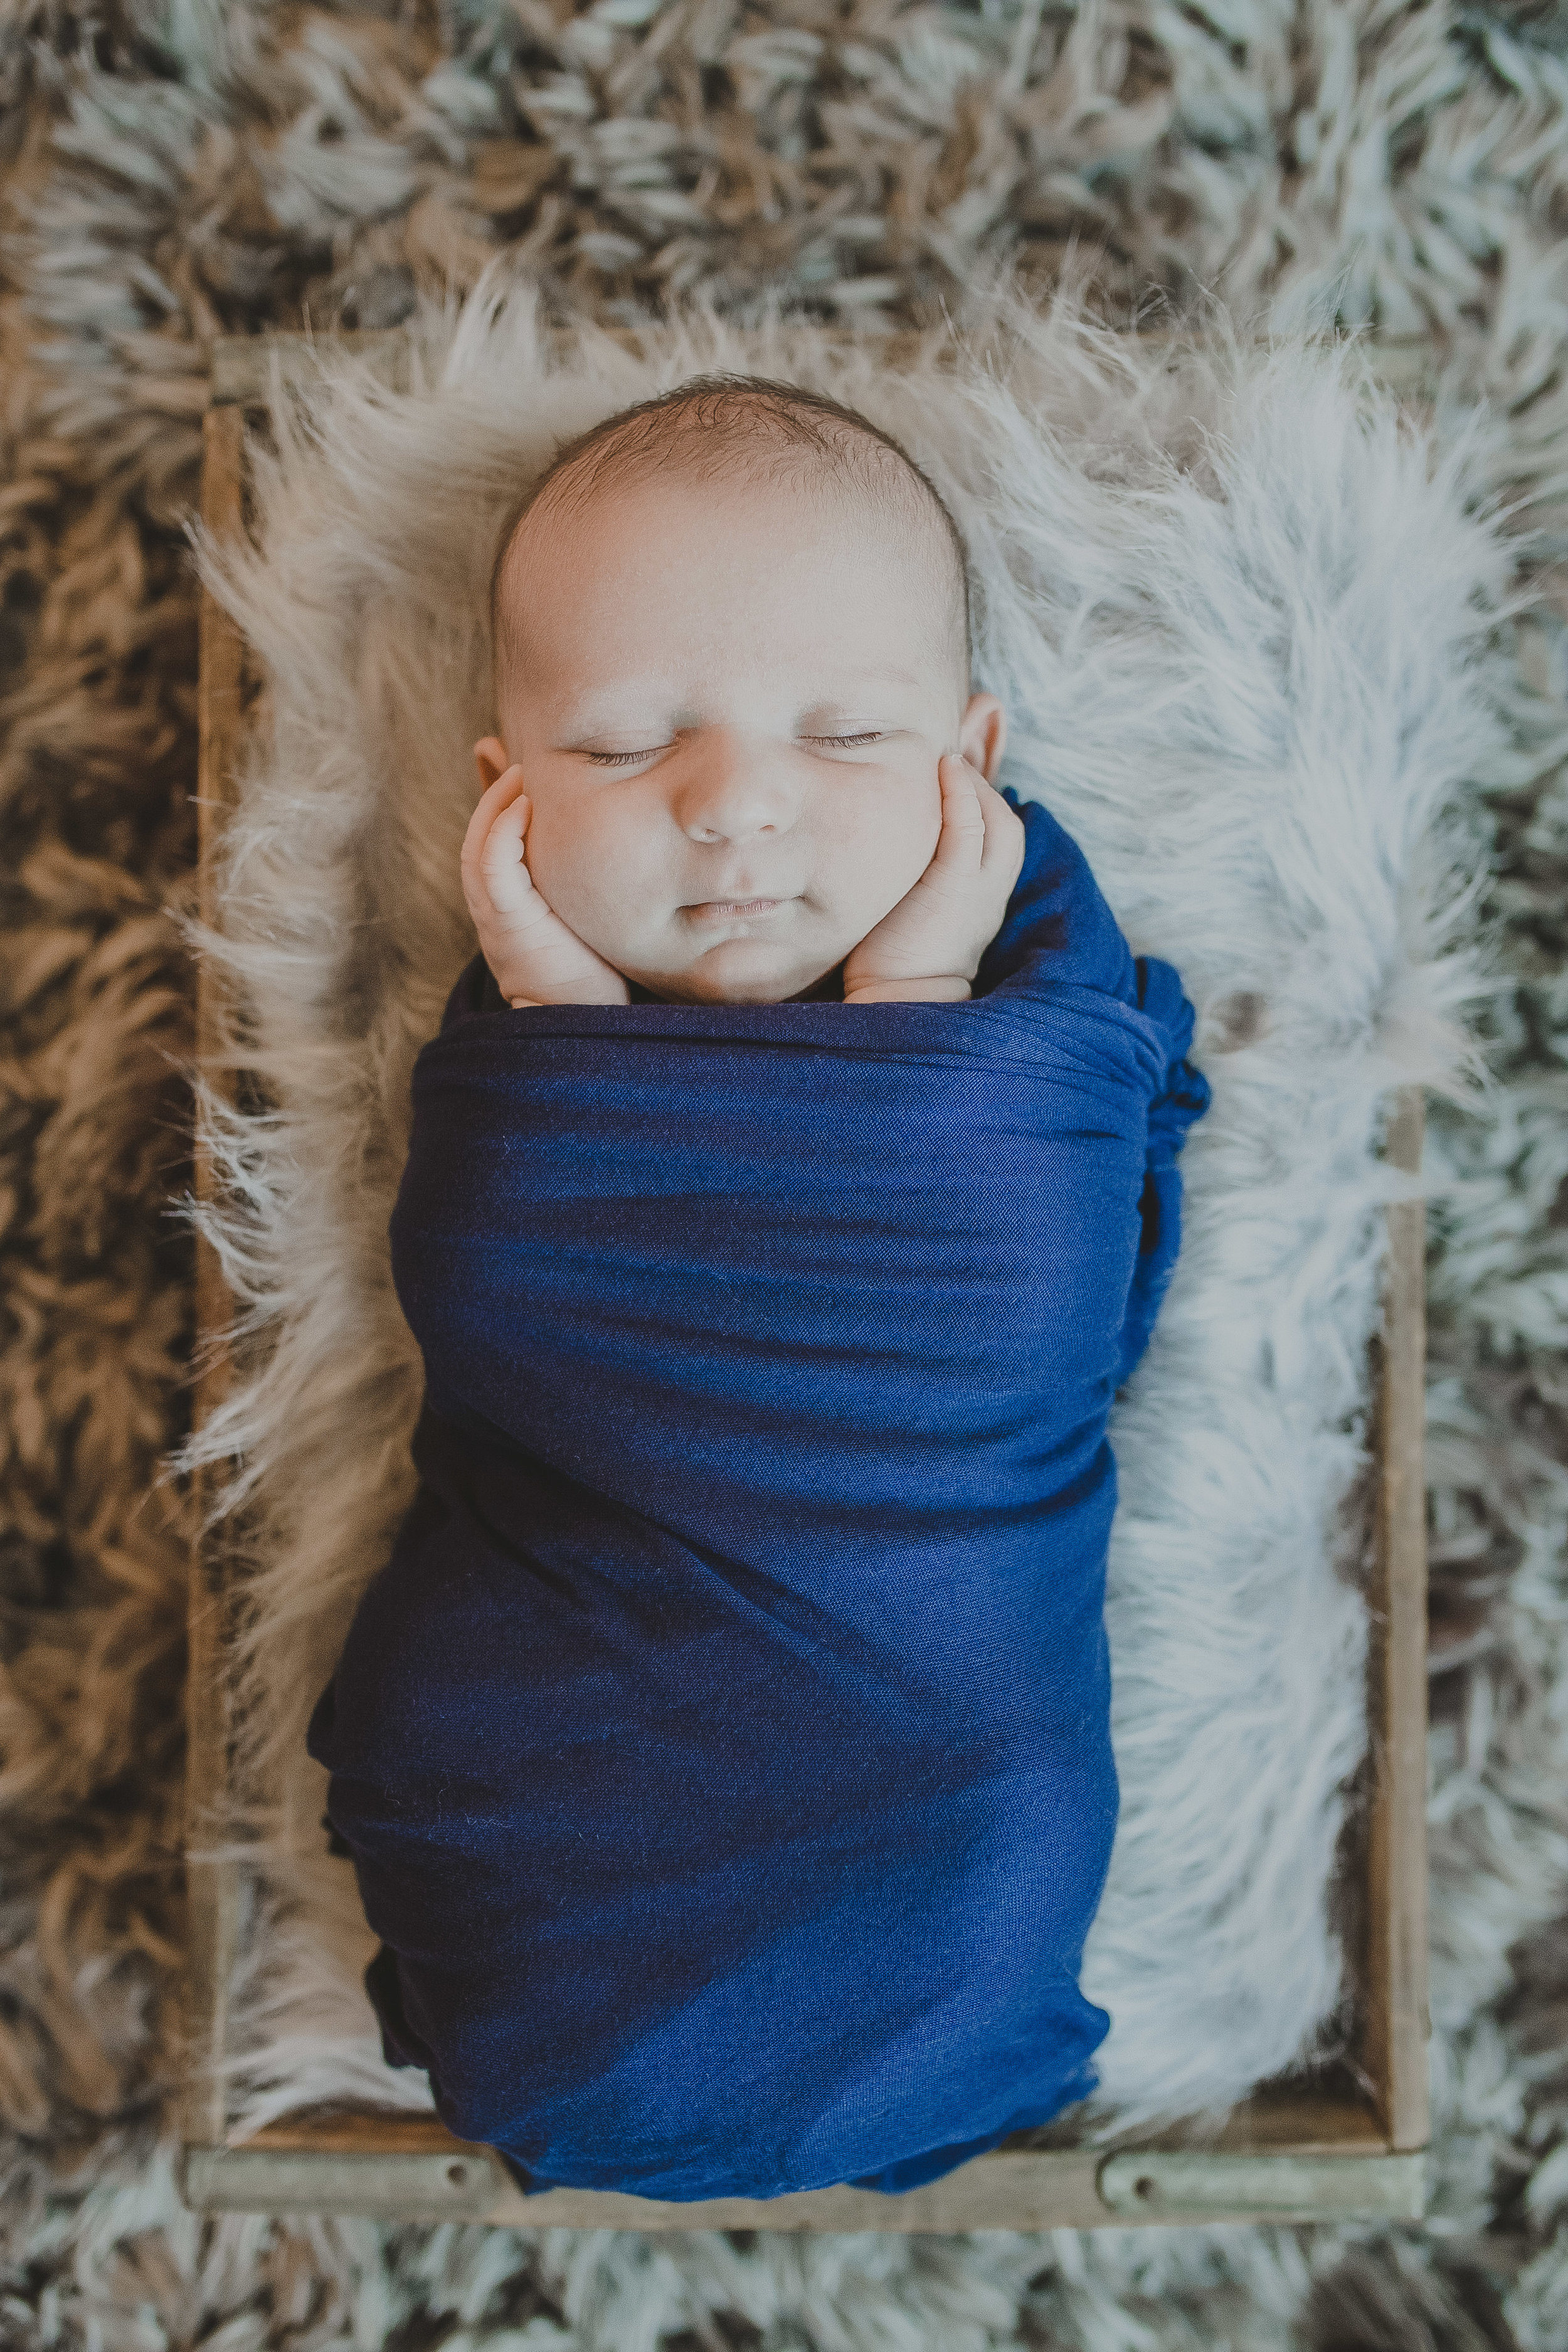 Brayden Alexander Martz Blue Wrap Newborn